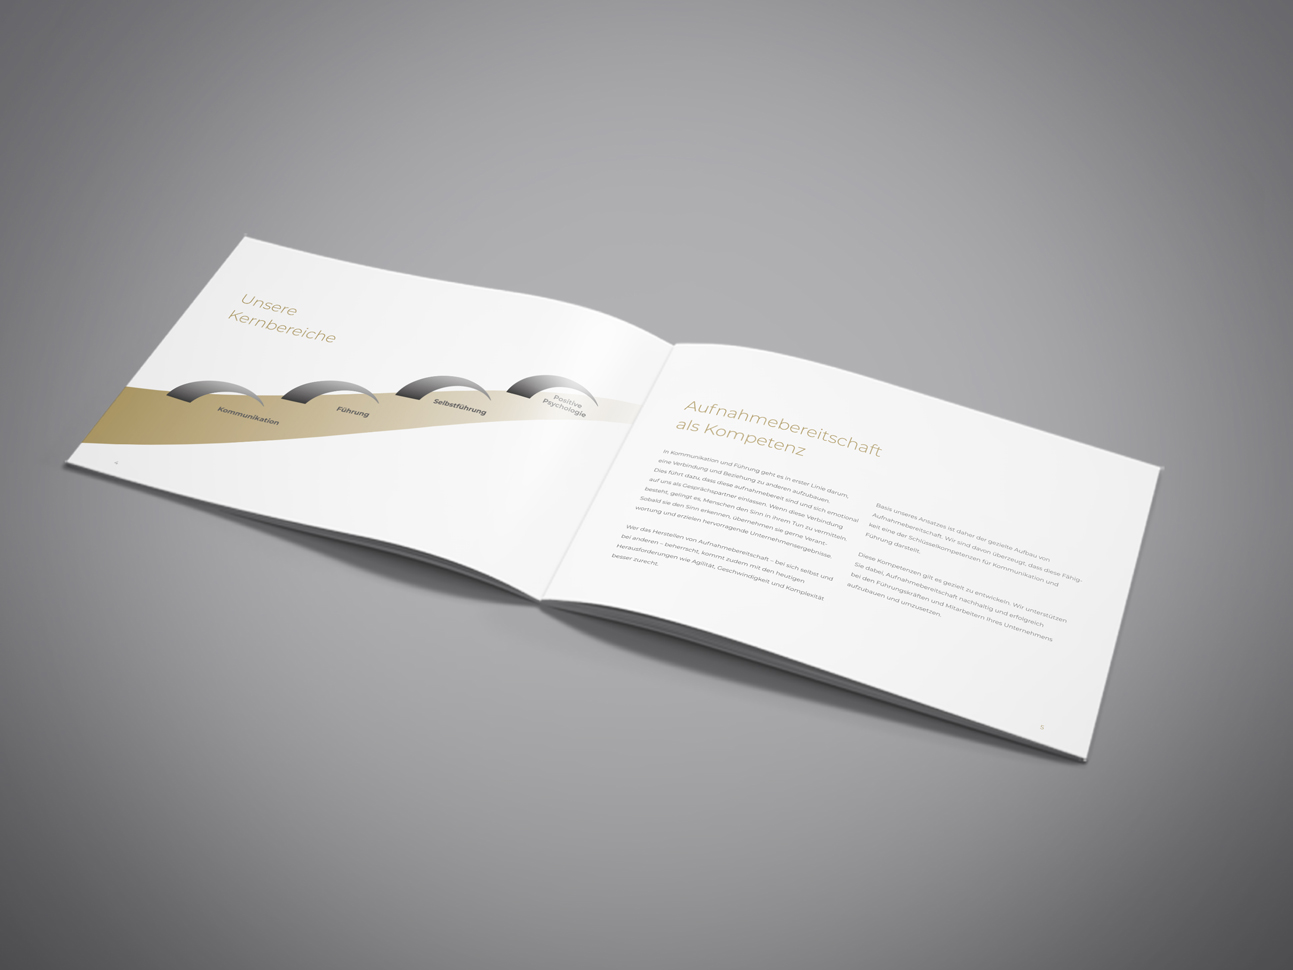 martin zech design, corporate design, pontea, firmenbroschuere, doppelseite 2